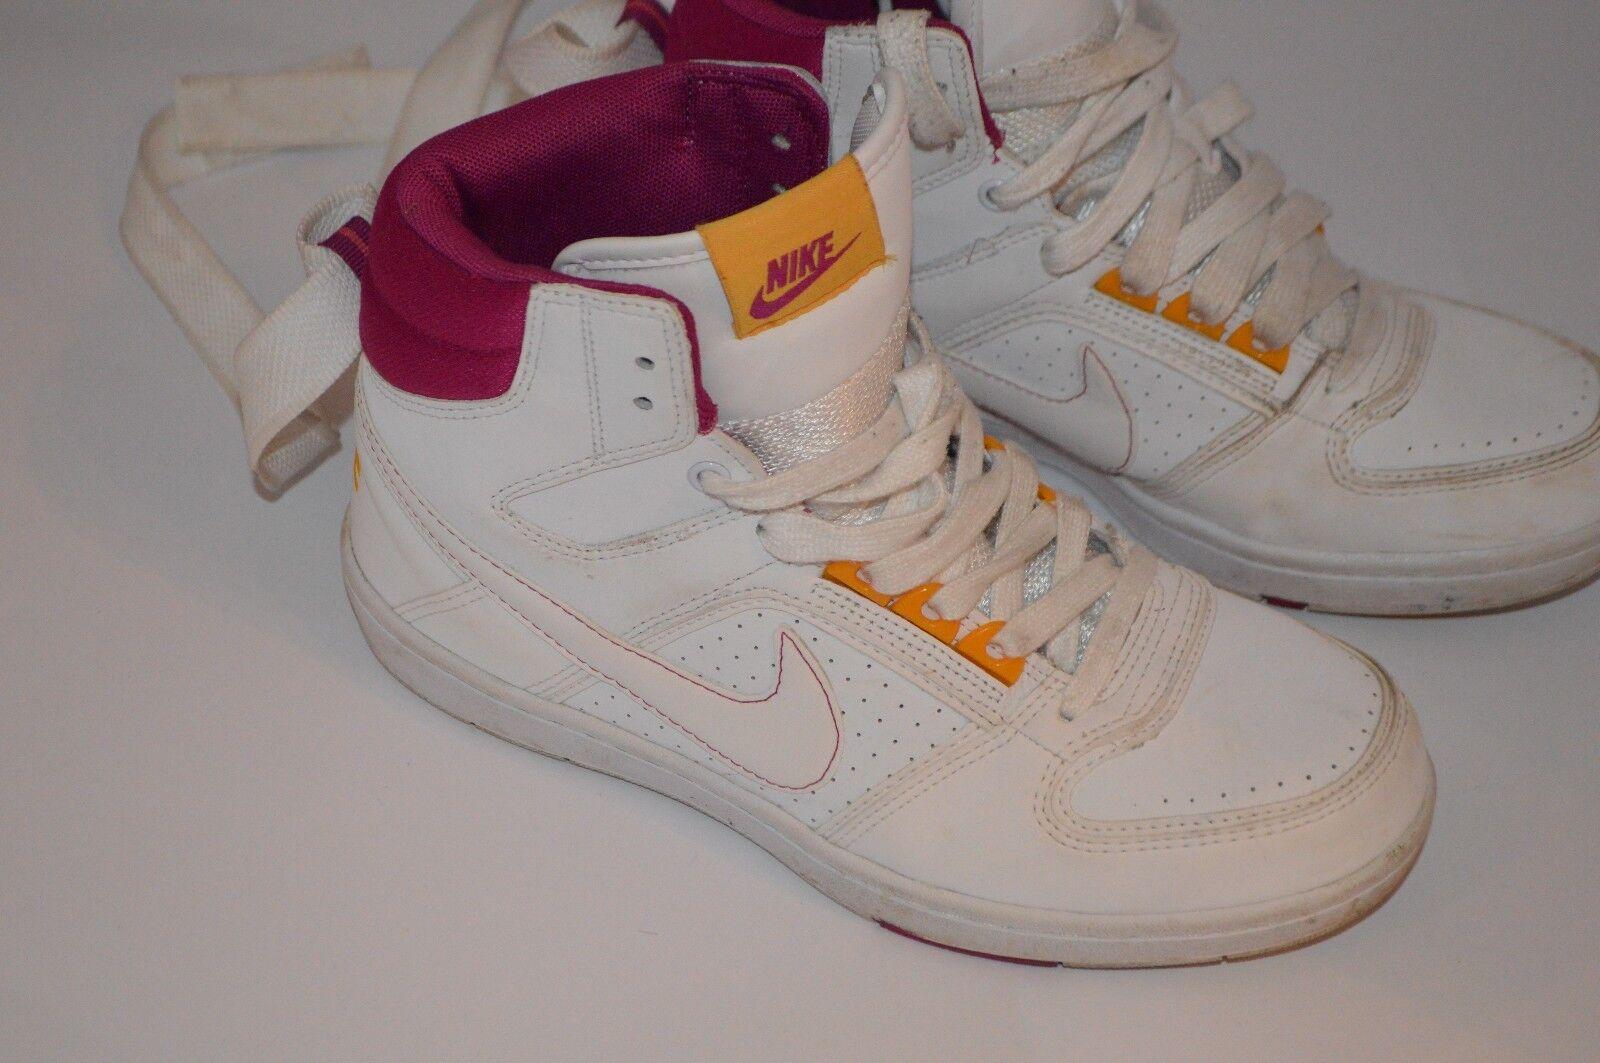 Nike Delta Lite Mid pour femme Blanc Baskets Hi-top Baskets Blanc Chaussures UK 5 euro 38.5 7.5 US 0d6754